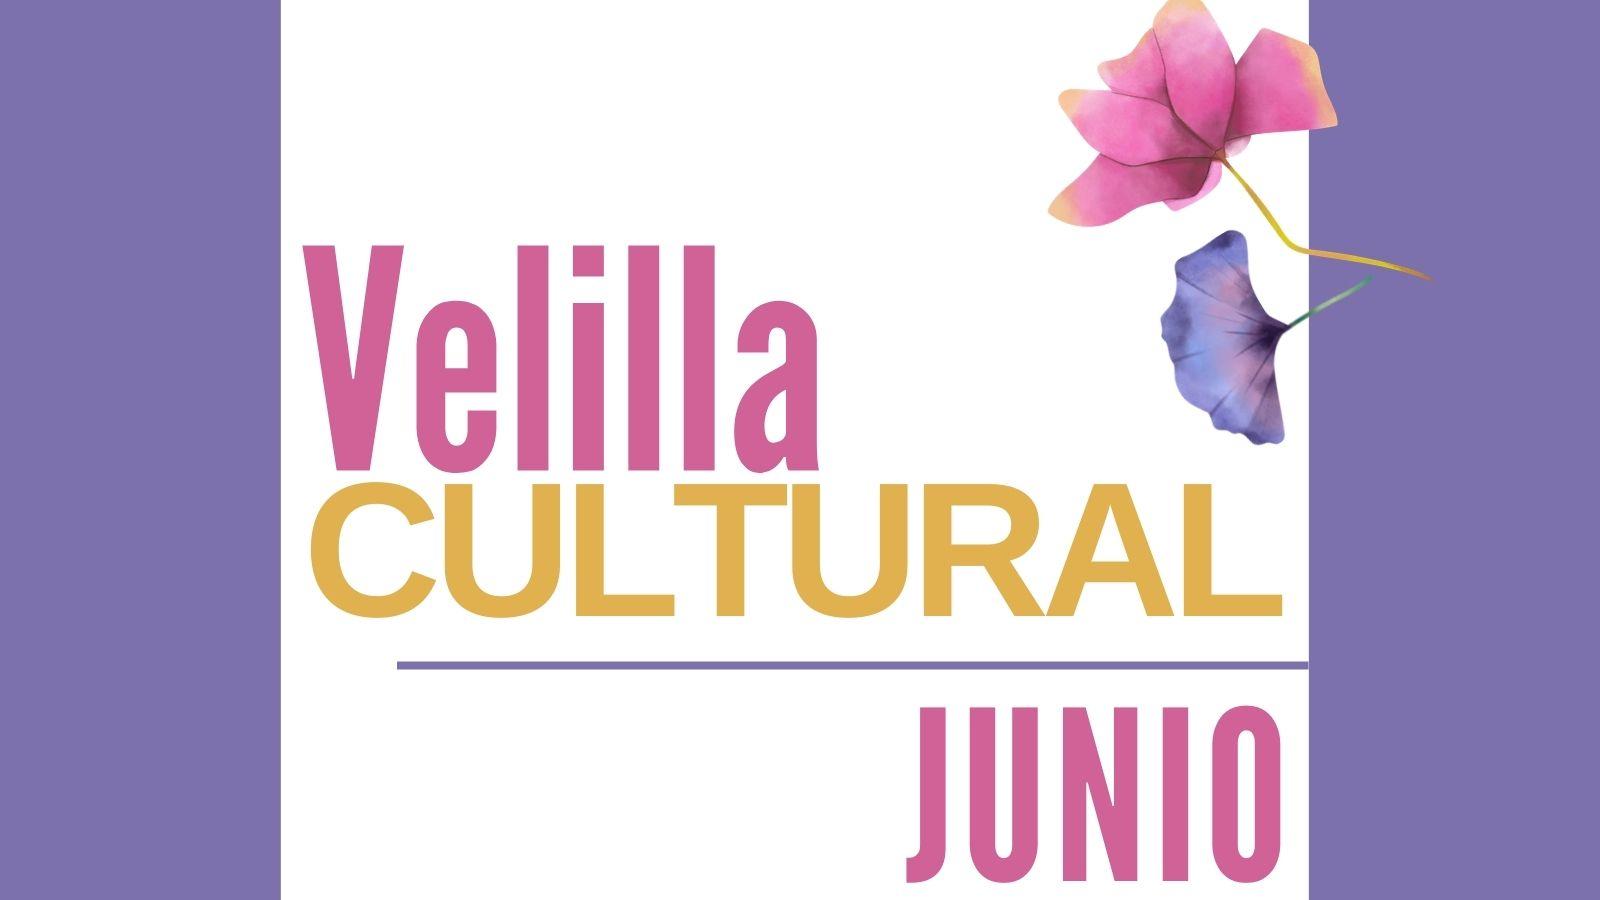 Programa cultural mes de junio